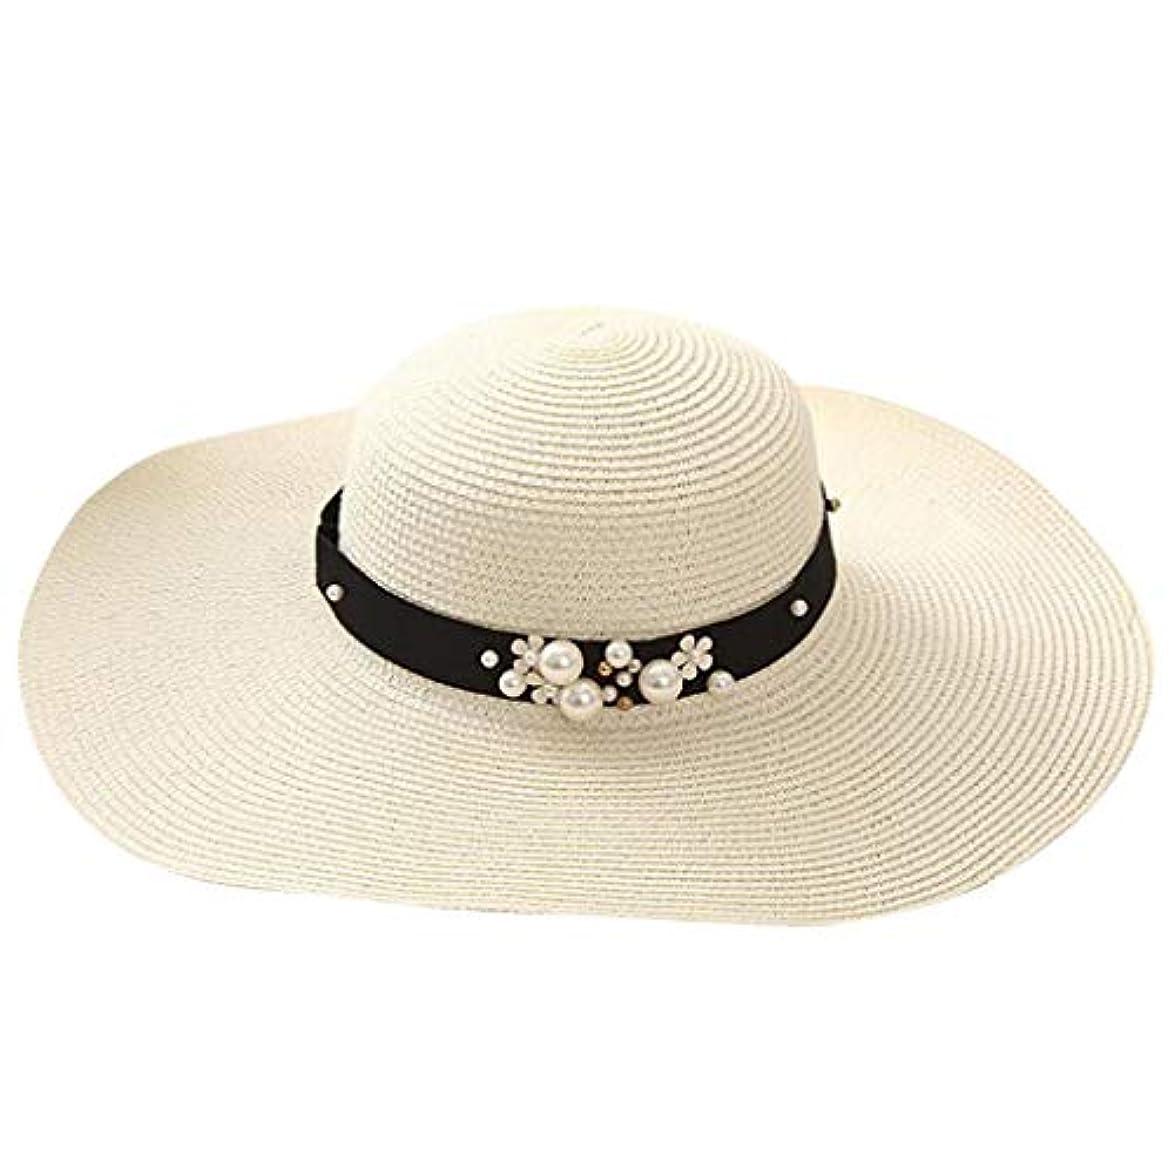 合併祭司言う漁師の帽子 ROSE ROMAN UVカット 帽子 帽子 レディース 麦わら帽子 UV帽子 紫外線対策 通気性 取り外すあご紐 サイズ調節可 つば広 おしゃれ 可愛い ハット 旅行用 日よけ 夏季 女優帽 小顔効果抜群